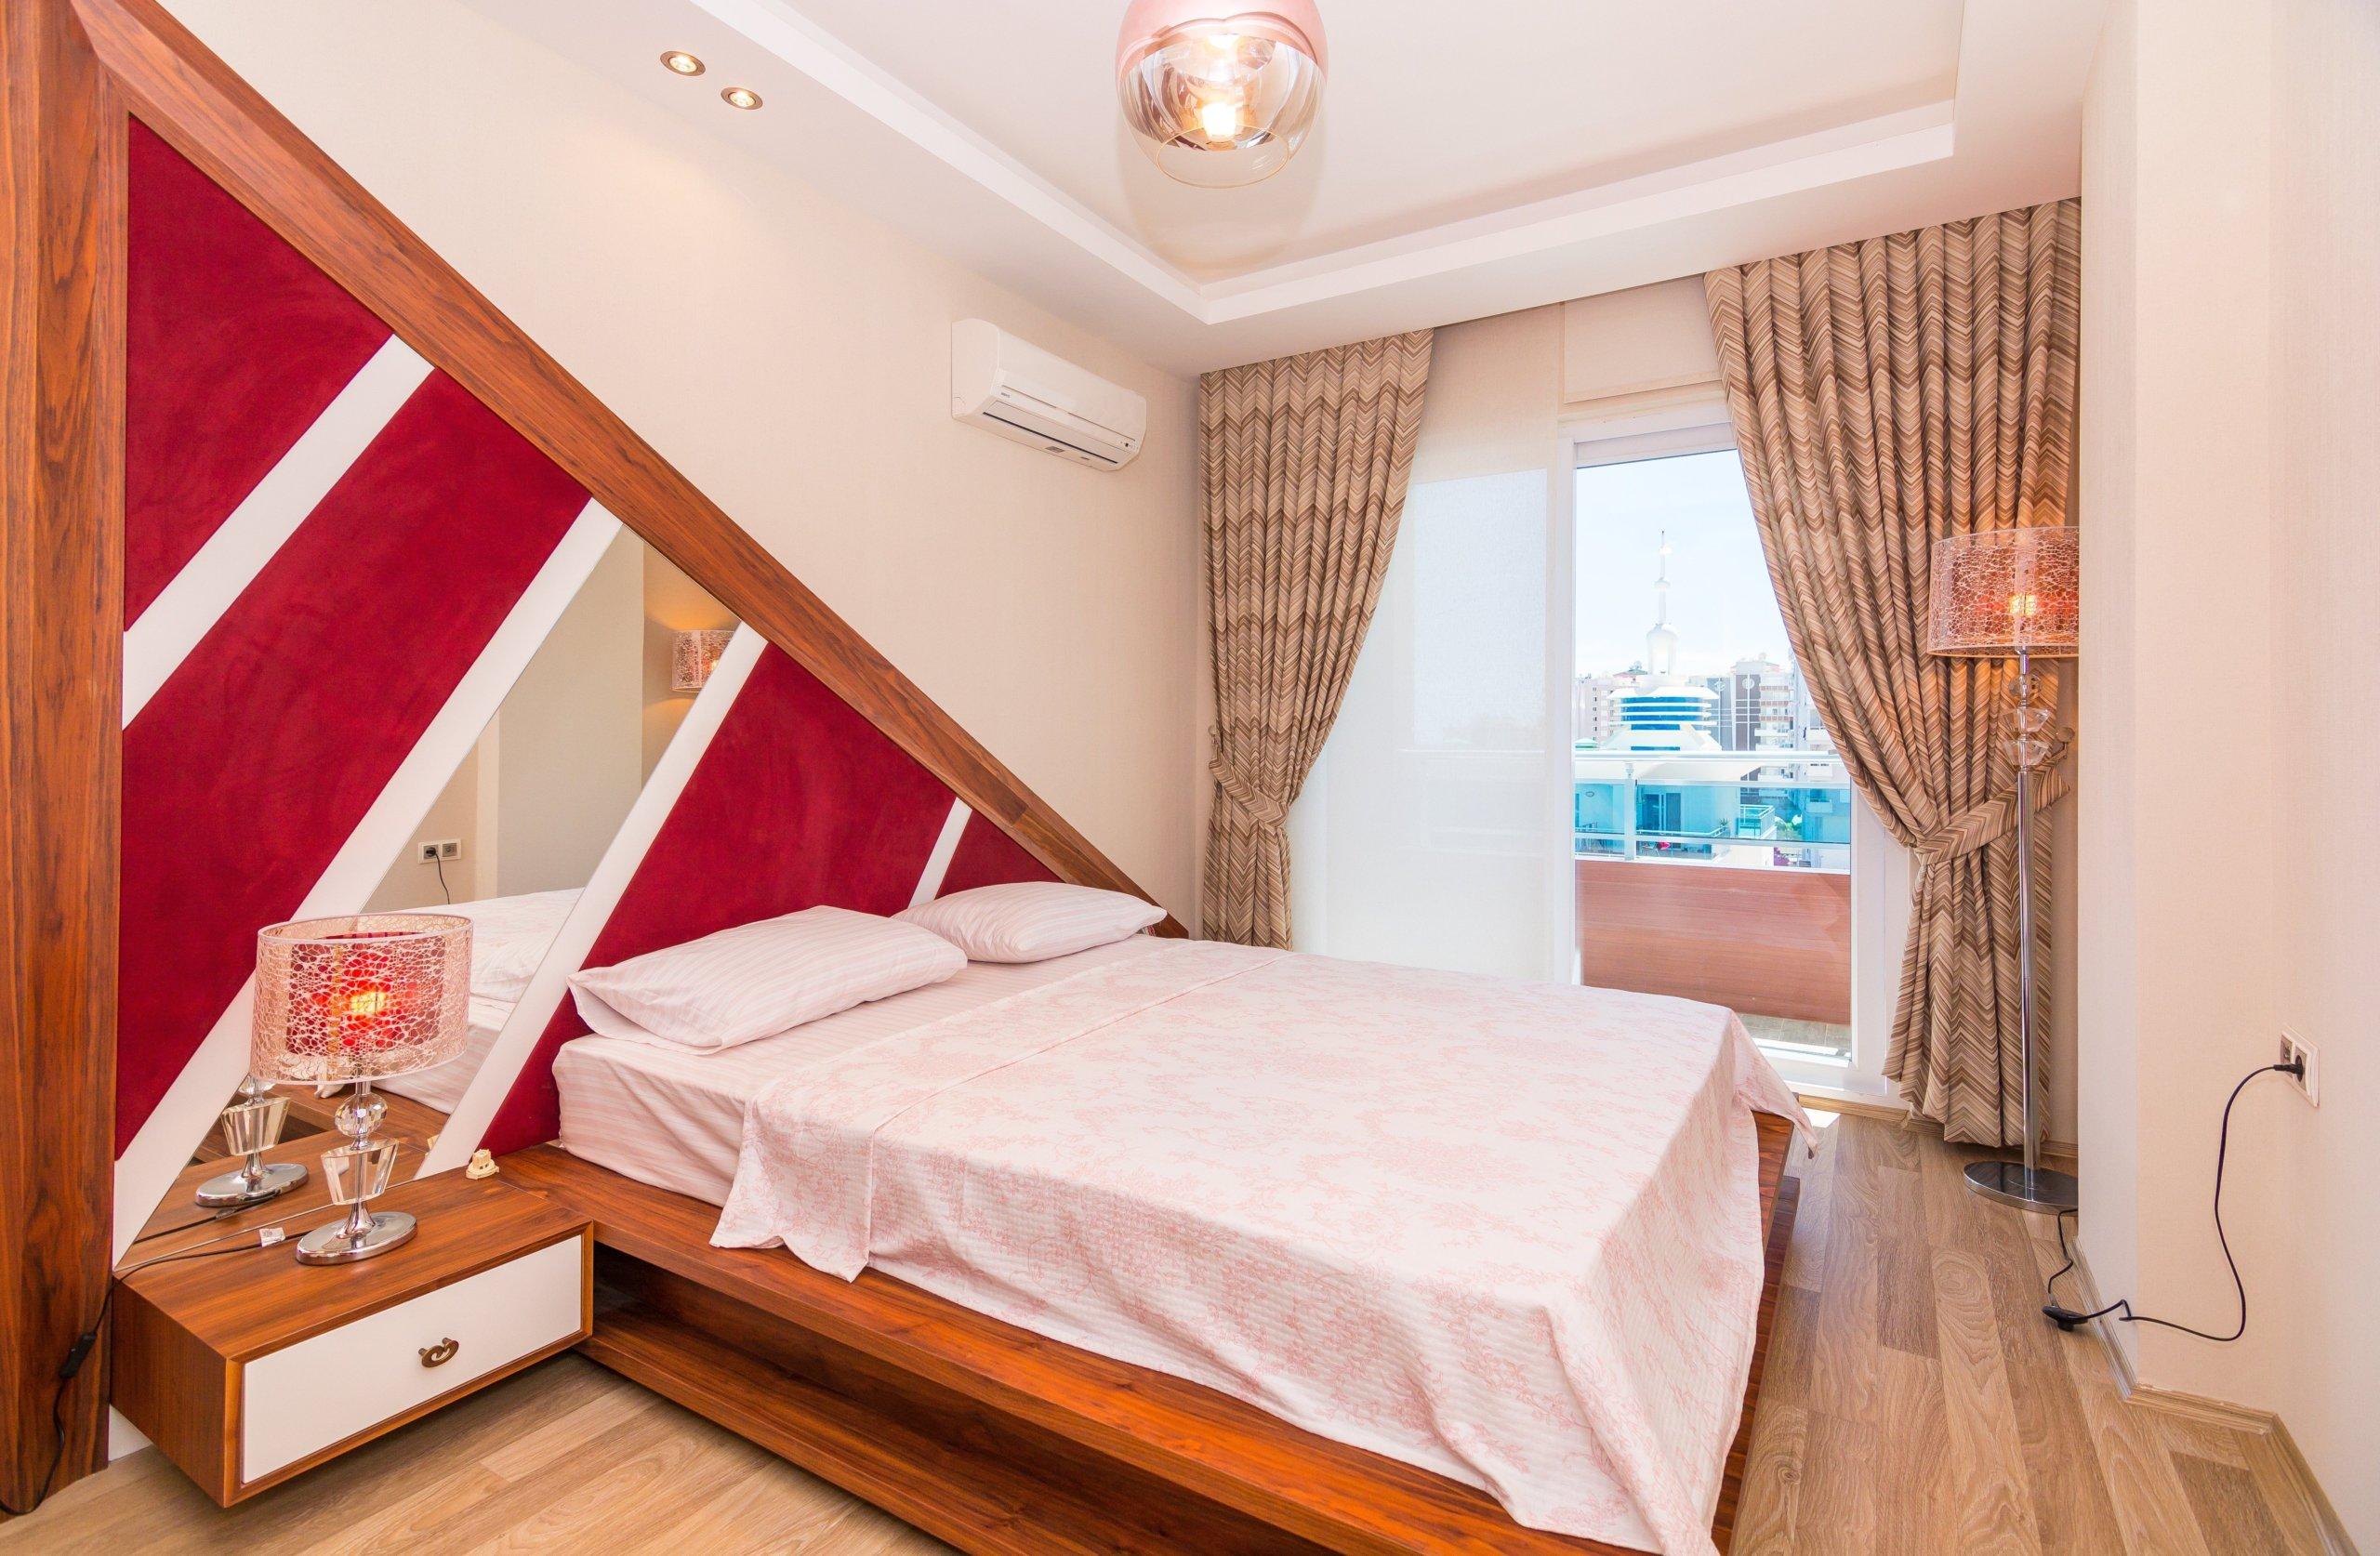 Продажа 1+1 новой квартиры в уютном жилом комплексе